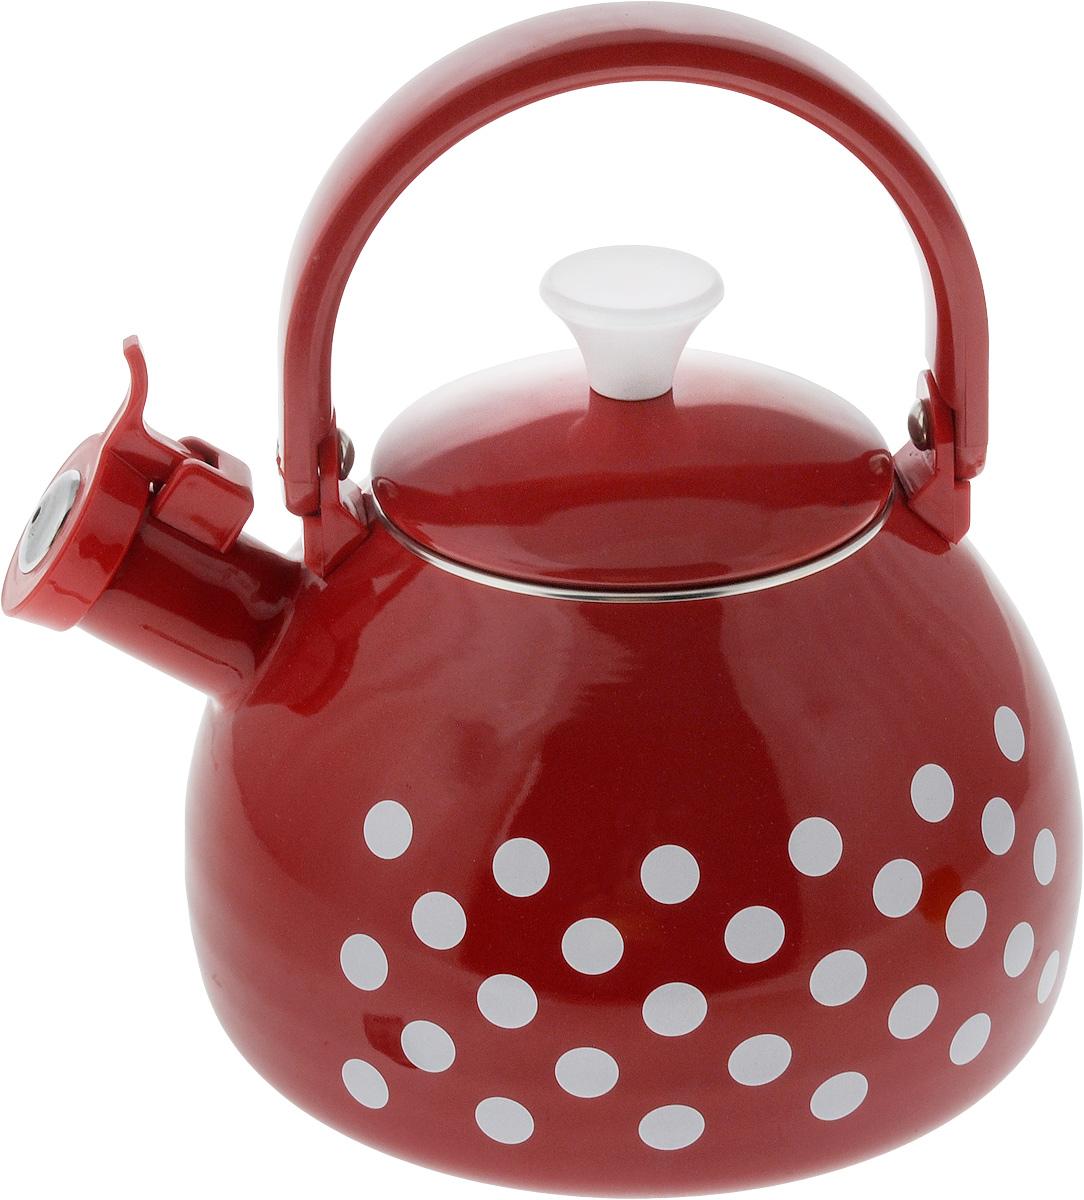 Чайник эмалированный Мetrot Горох, 2,75 л54 009312Чайник Мetrot Горох выполнен из стали с эмалированным покрытием. Внешние стенки оформлены ярким рисунком.Эмалированная посуда инертна и устойчива к пищевым кислотам, не вступает во взаимодействие с продуктами и не искажает их вкусовые качества. Эмалевое покрытие, являясь стекольной массой, не вызывает аллергию и надежно защищает пищу от контакта с металлом. Кроме того, такое покрытие долговечно, оно устойчиво к механическому воздействию, не царапается и не сходит, а стальная основа практически не подвержена механической деформации, благодаря чему срок эксплуатации увеличивается. Носик чайника оснащен насадкой-свистком, что позволит вам контролировать процесс подогрева или кипячения воды. Подвижная ручка изготовлена из качественного металла. Эстетичный и функциональный чайник будет оригинально смотреться в любом интерьере.Подходит для всех типов плит, включая галогеновые конфорки и индукционные плиты. Можно мыть в посудомоечной машине. Высота чайника (без учета ручки и крышки): 13,5 см.Высота чайника (с учетом ручки): 24 см.